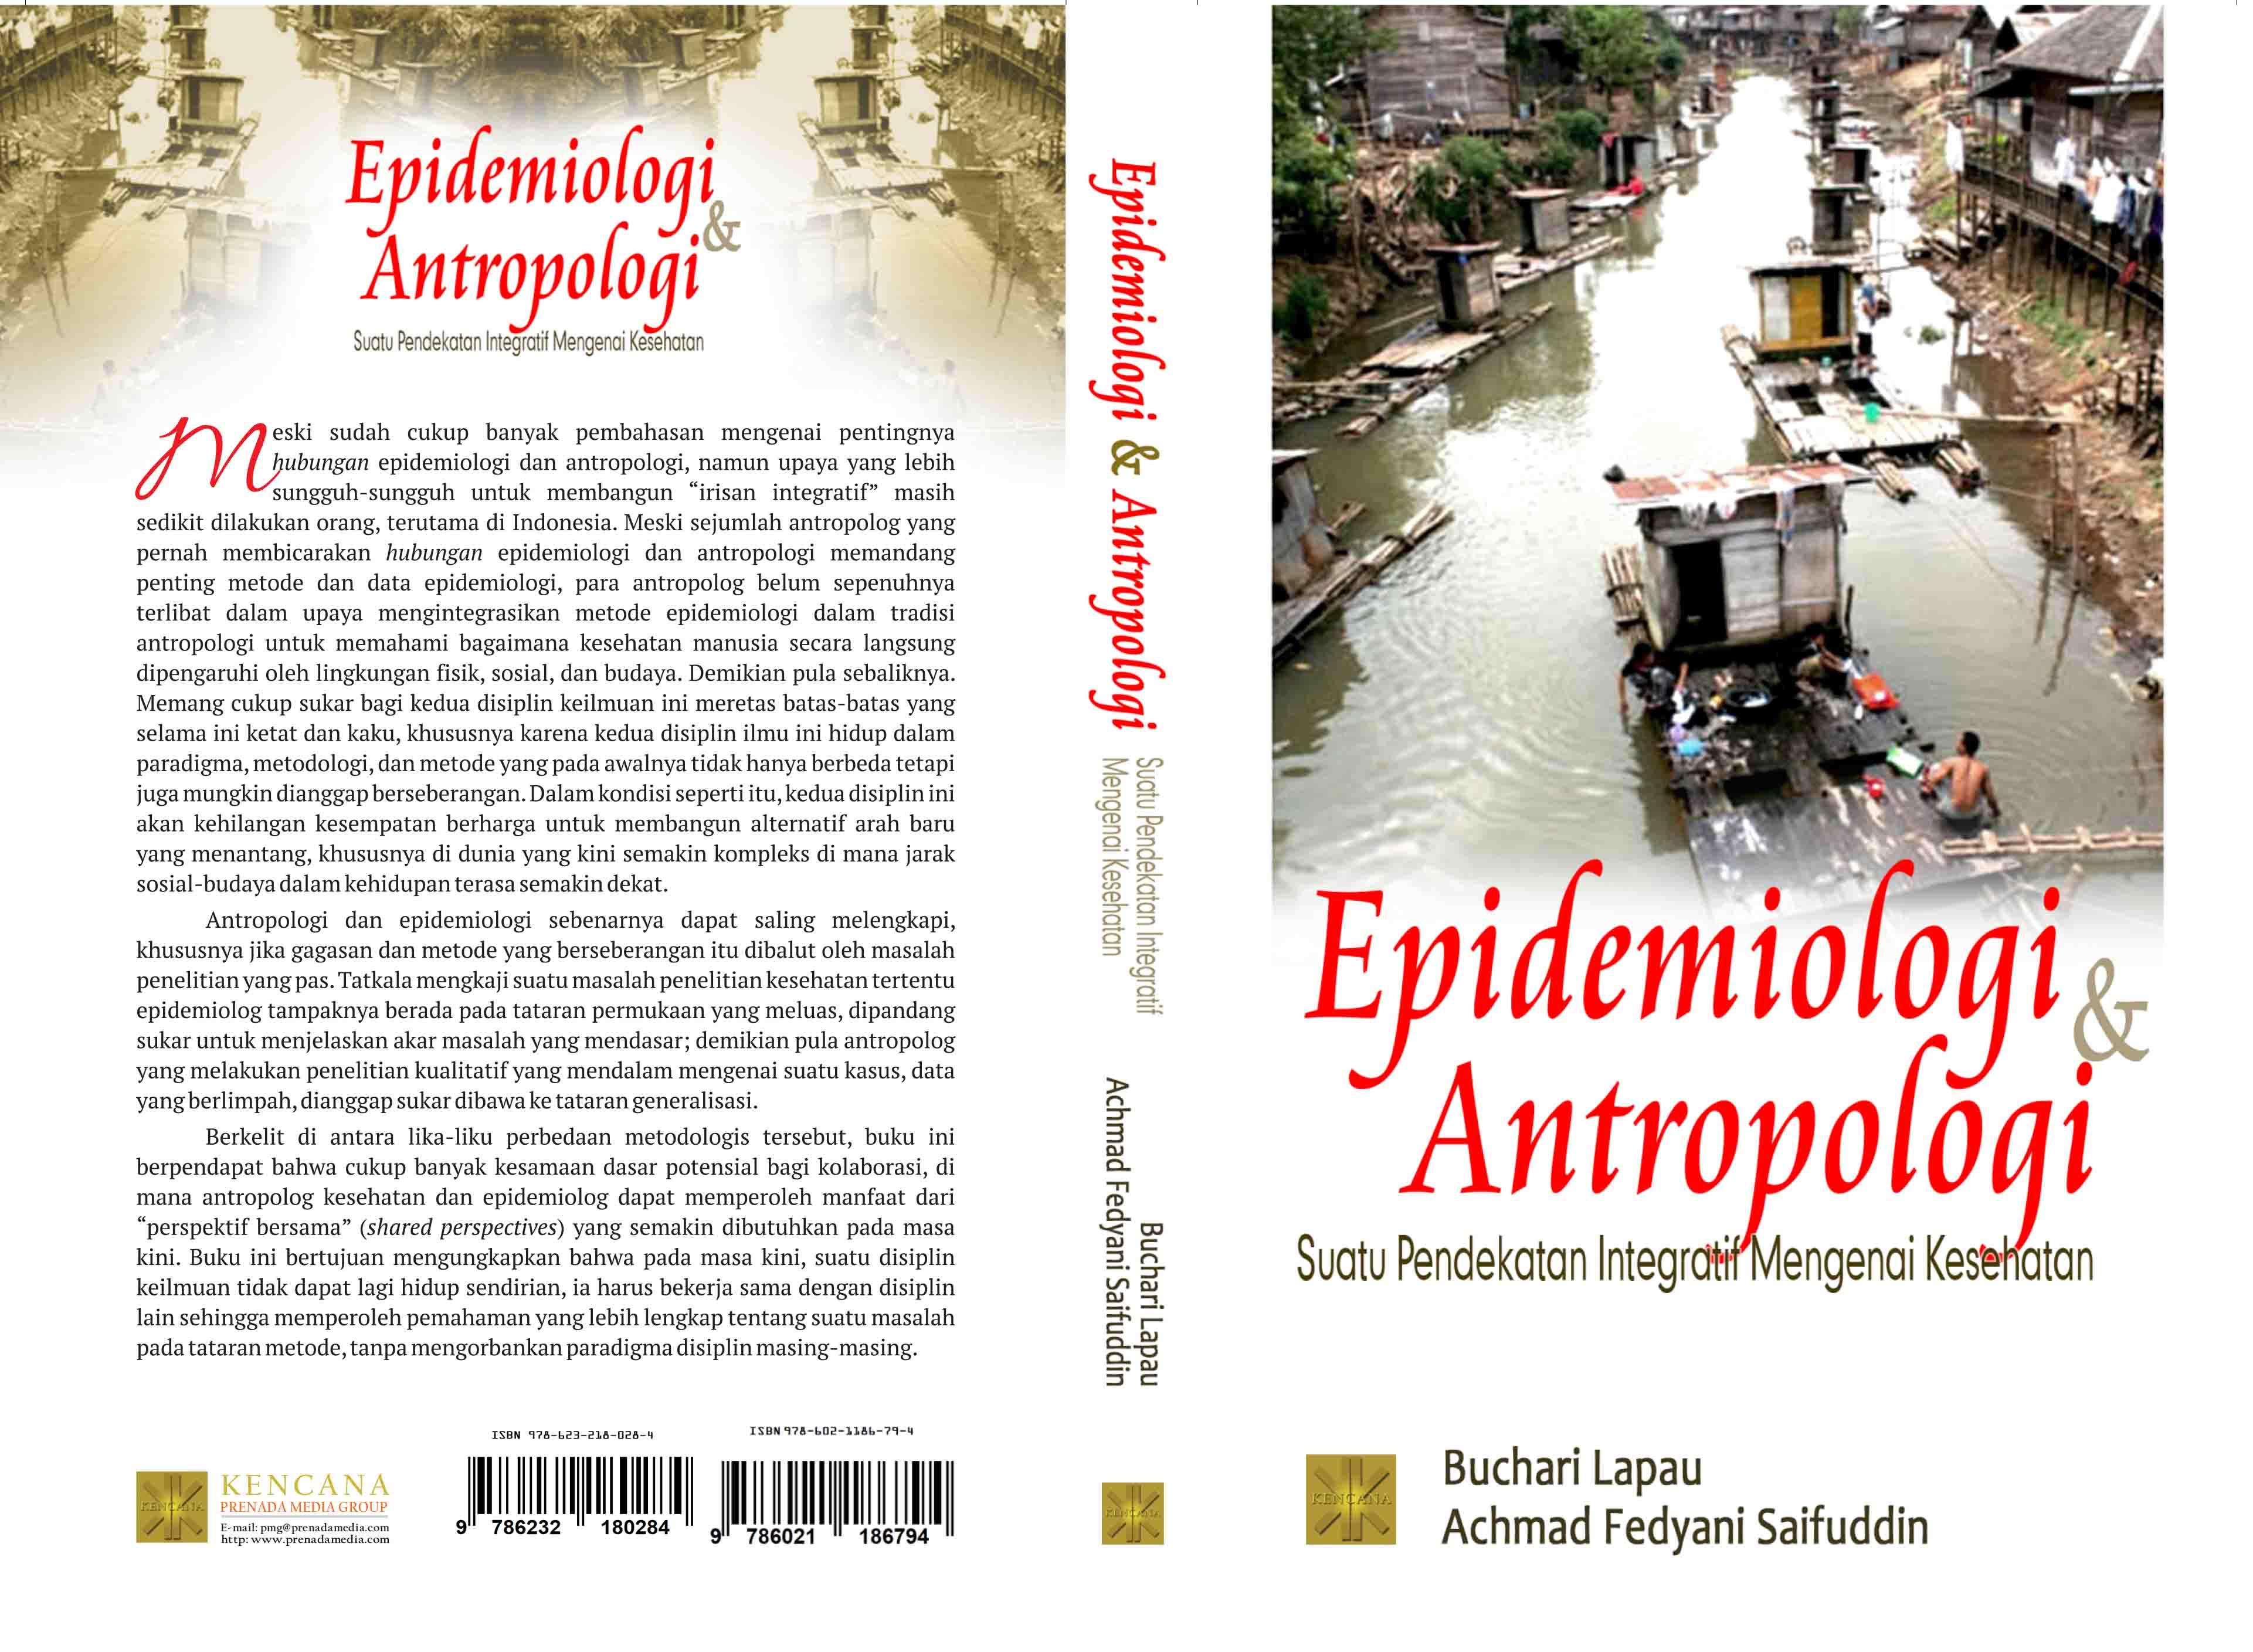 Epidemiologi dan antropologi [sumber elektronis] : suatu pendekatan integratif mengenai kesehatan